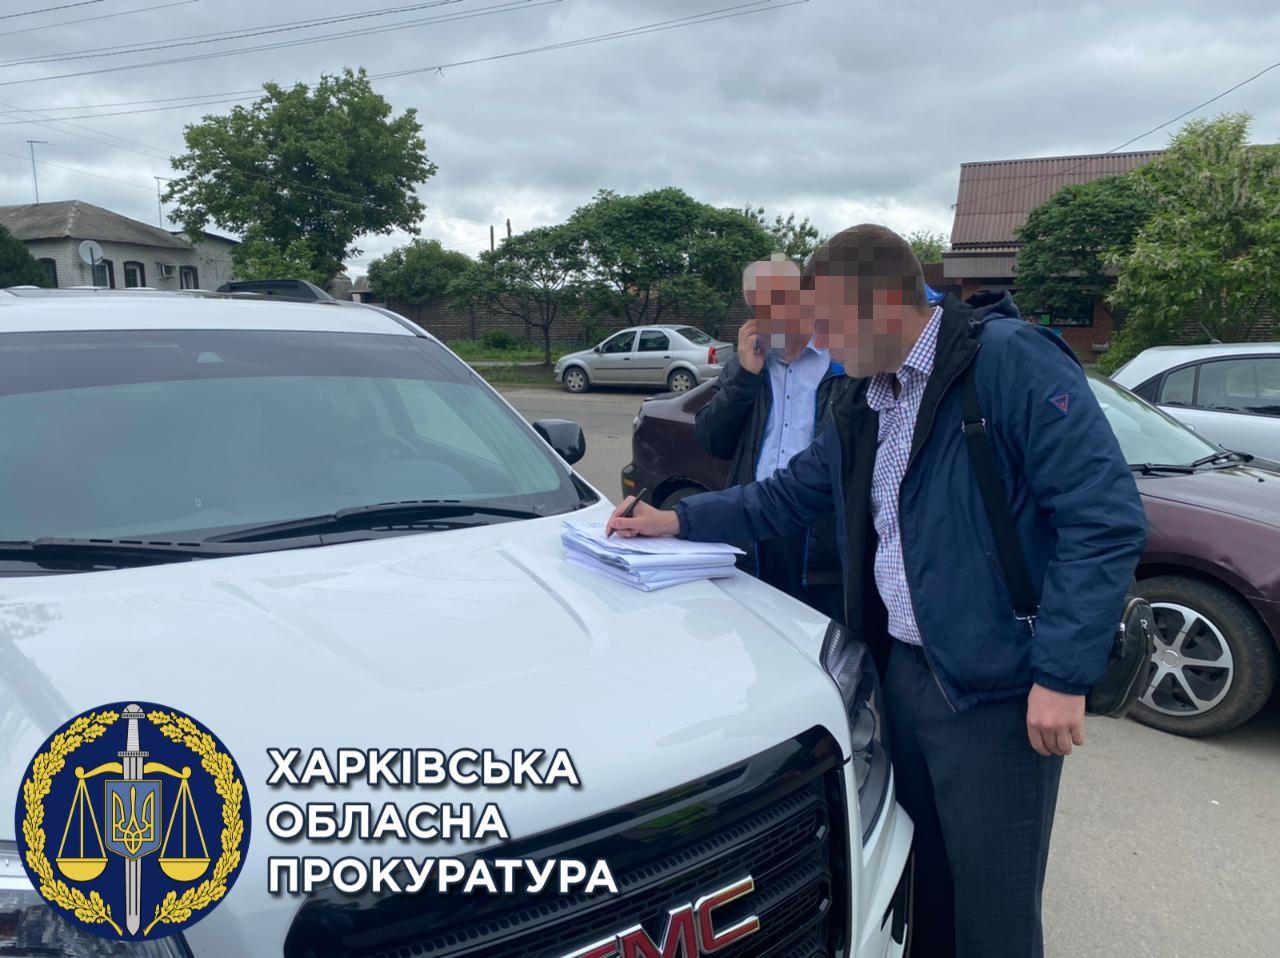 Закрив очі на самозахоплення землі: на Харківщині затримали чиновника Держгеокадастру